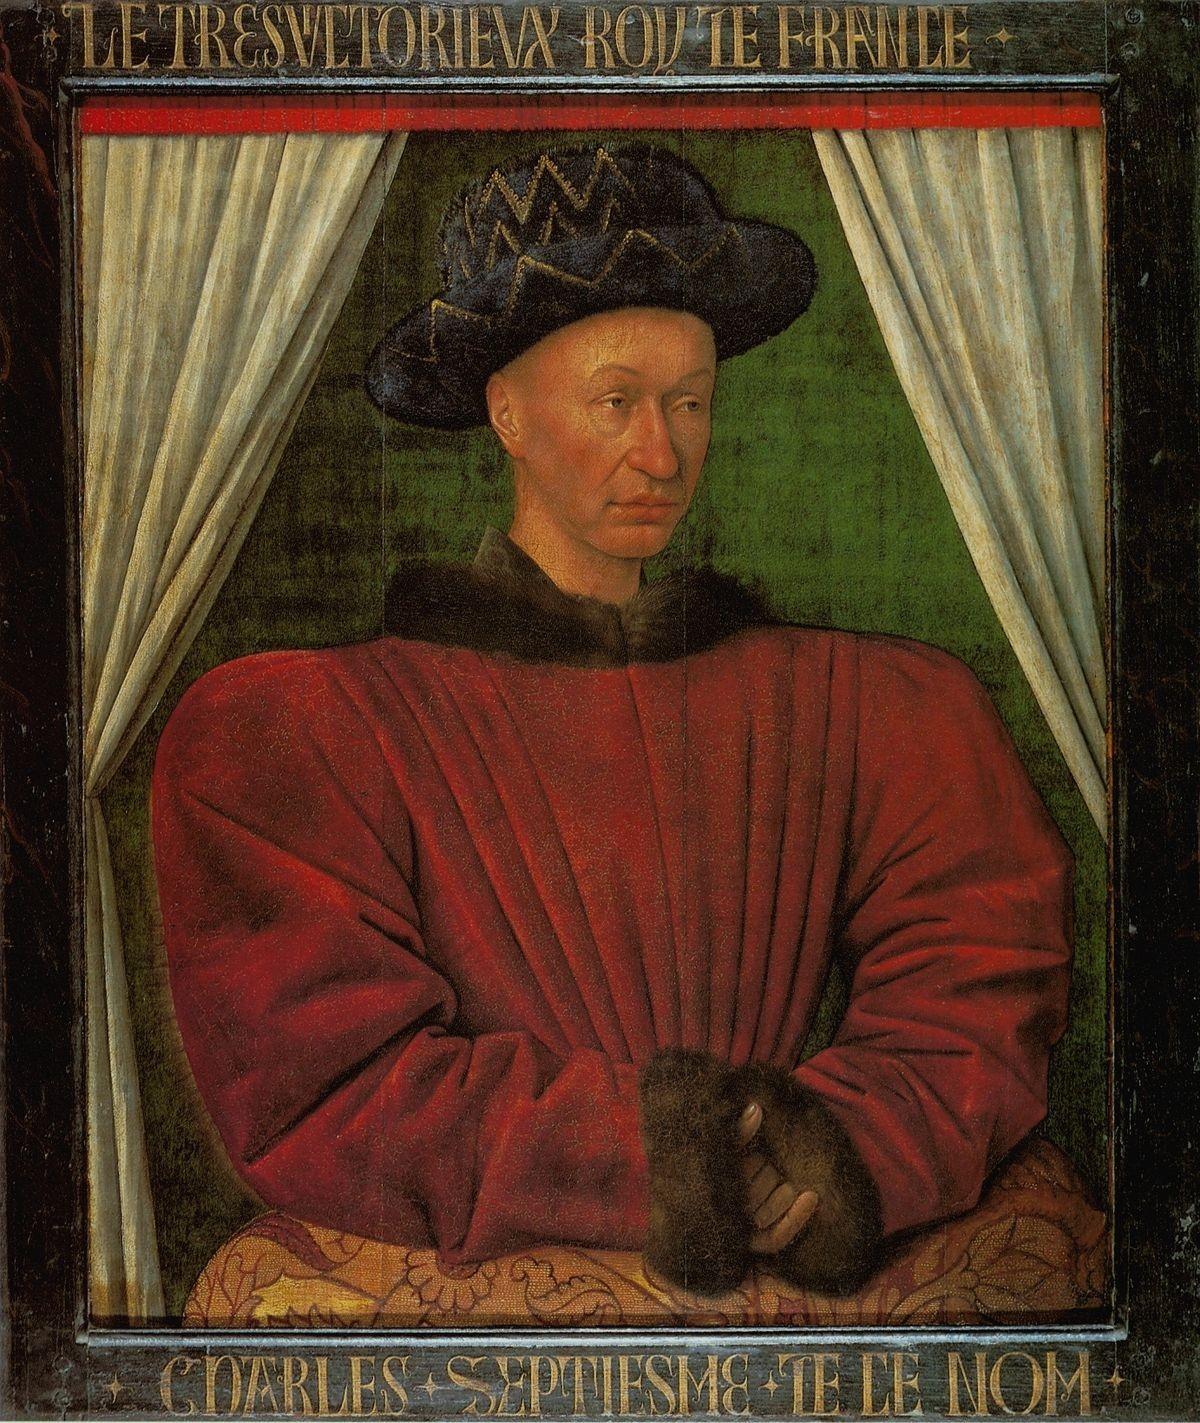 Et si on parlait un peu du roi Charles VII?